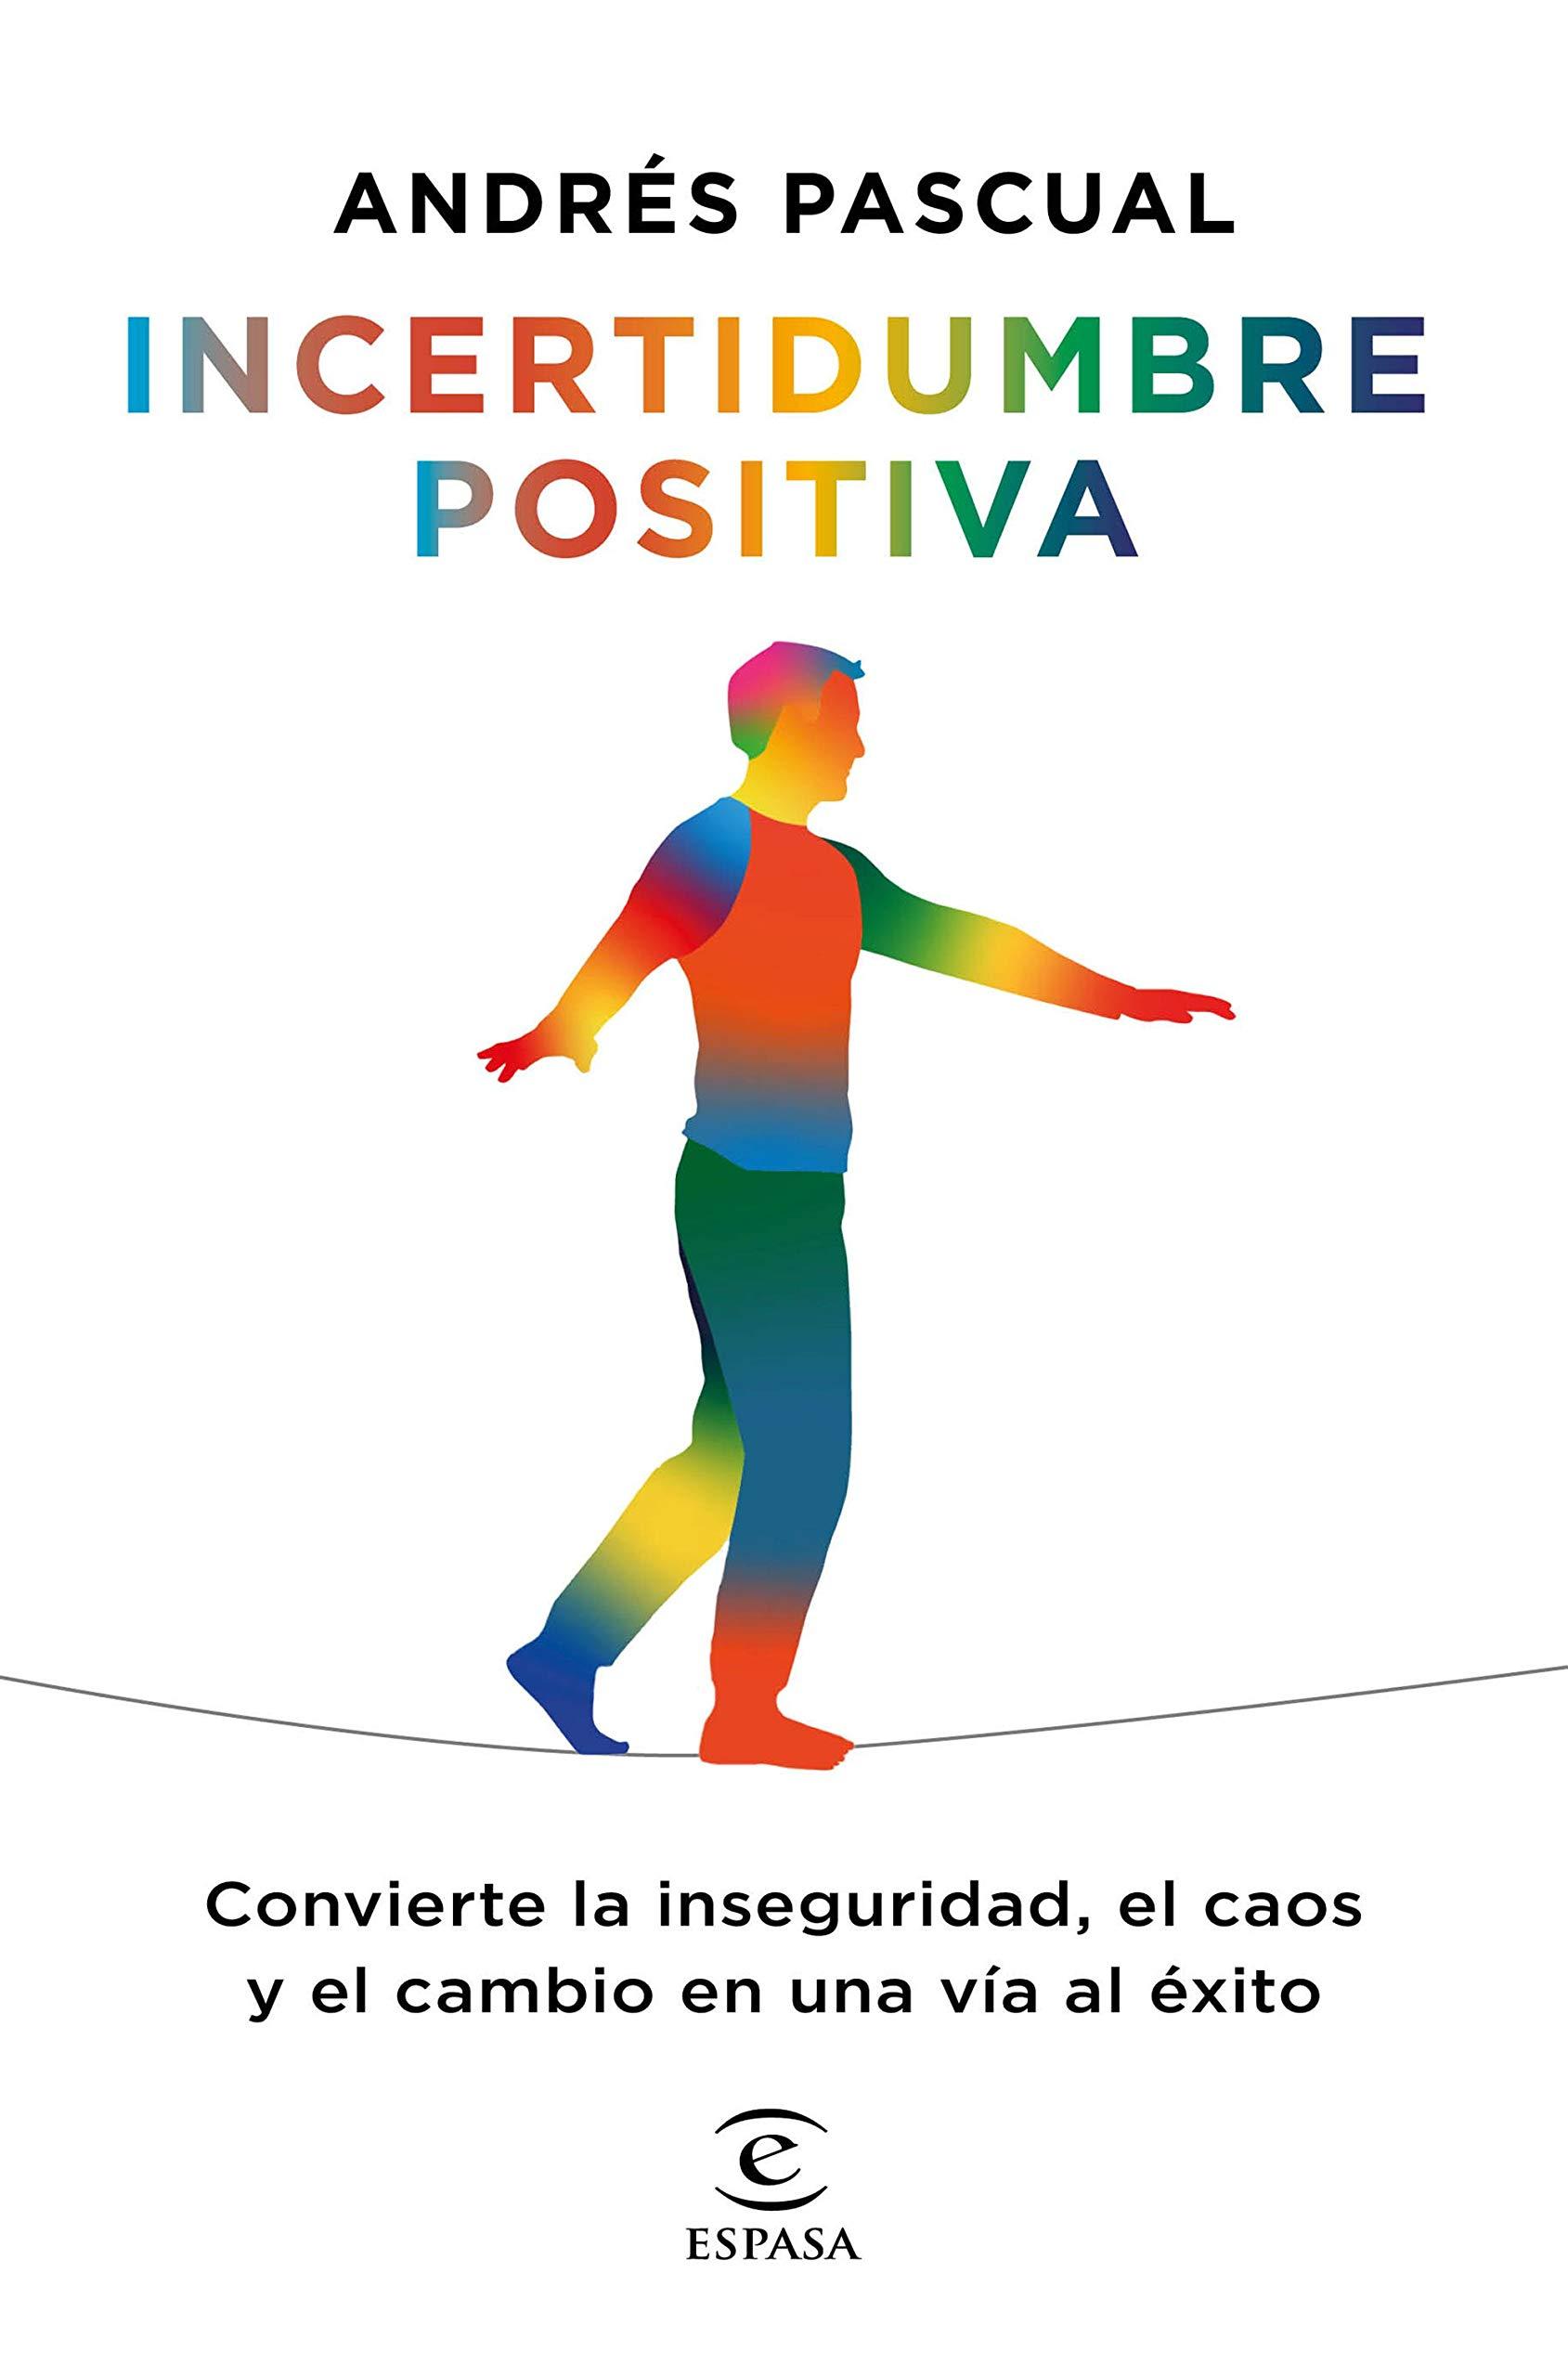 Incertidumbre positiva: Convierte la inseguridad, el caos y el cambio en una vía al éxito.